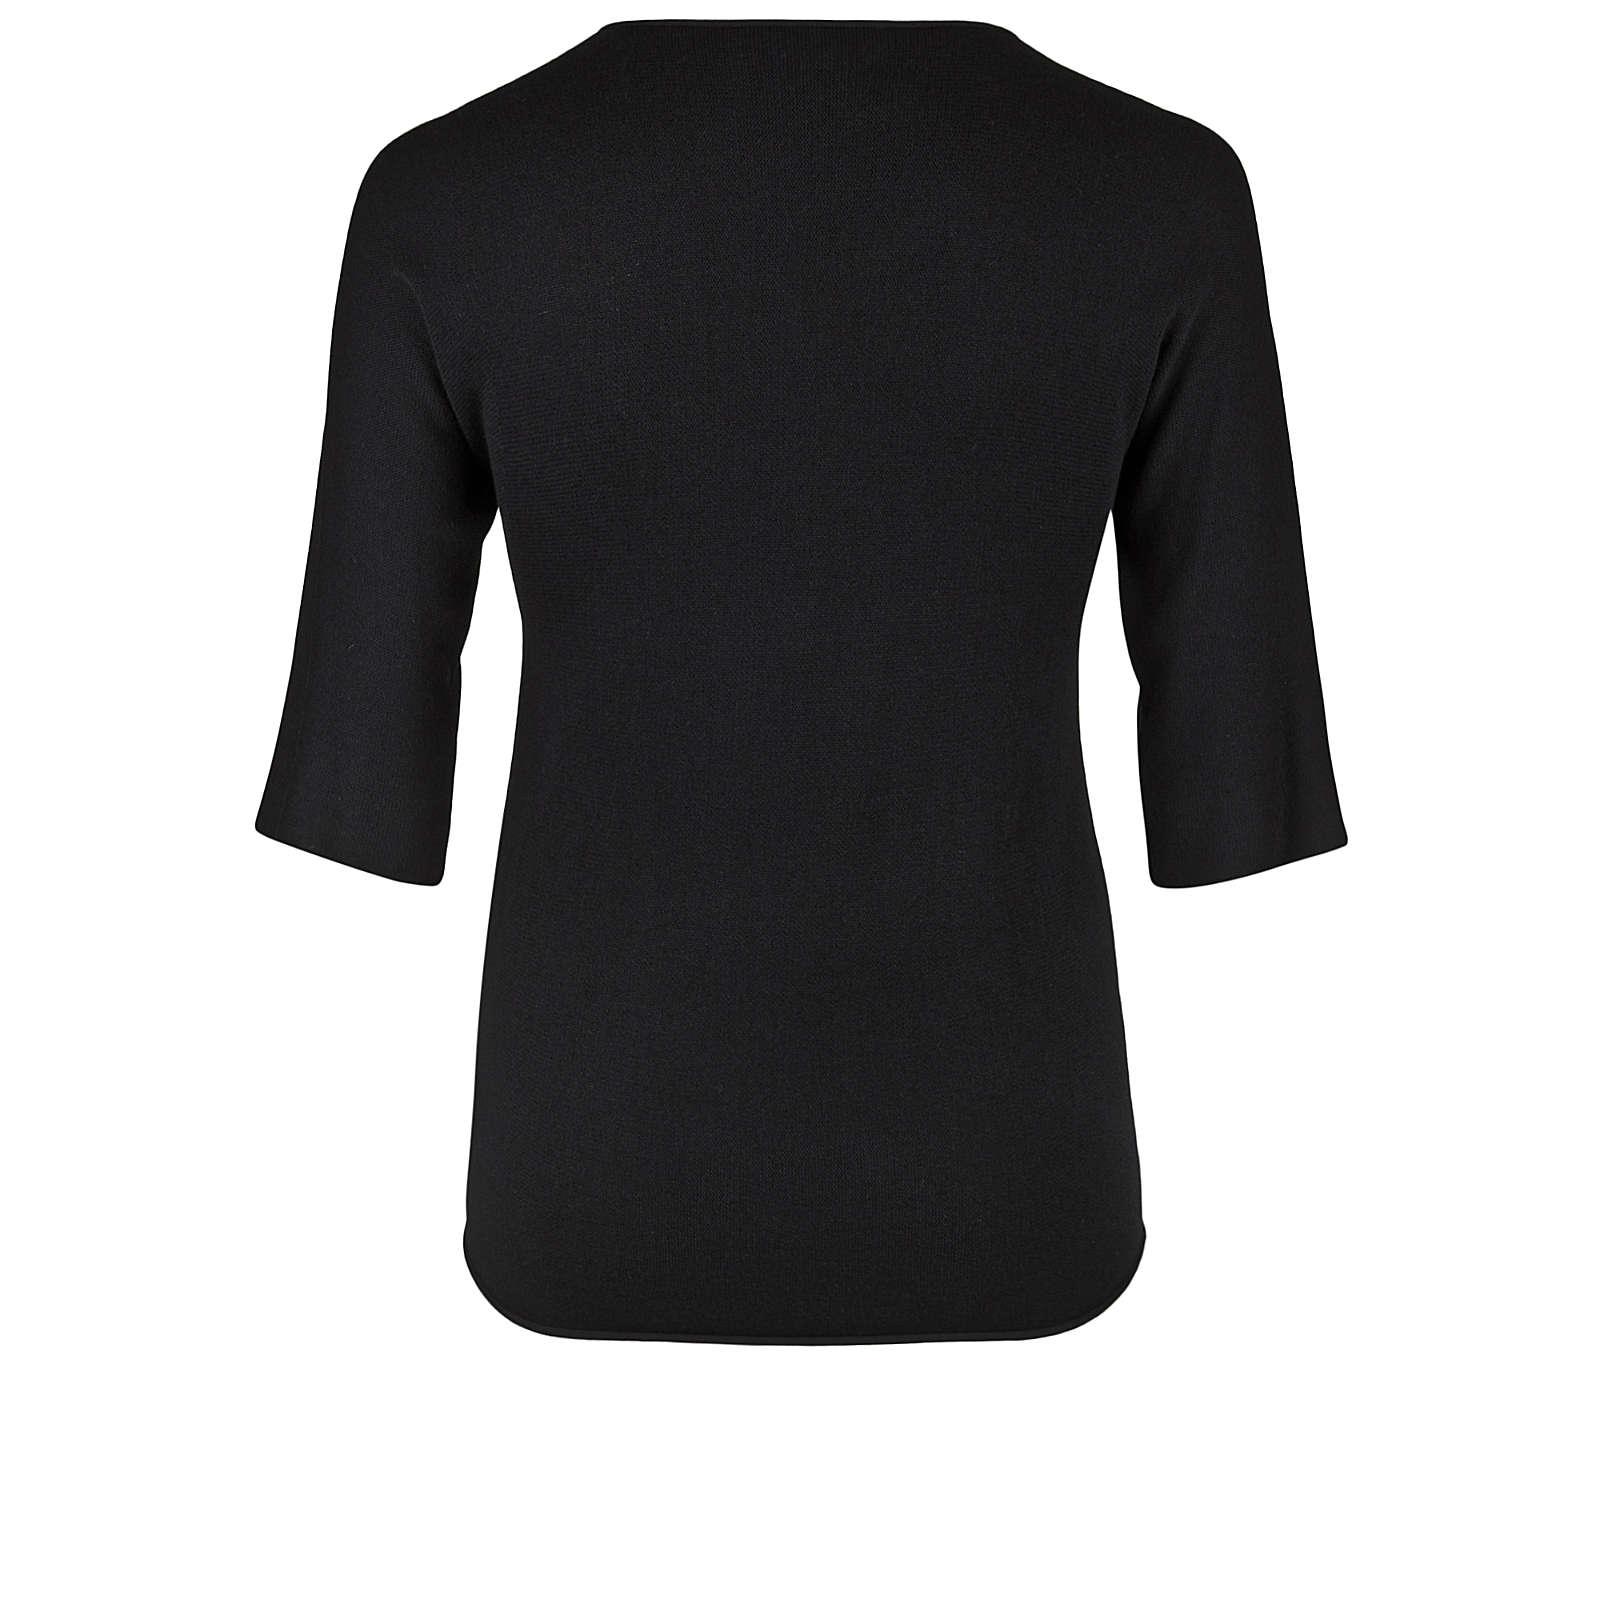 Doris Streich Pullover FEINSTRICKPULLOVER MIT 3/4-ARM Pullover schwarz Damen Gr. 46